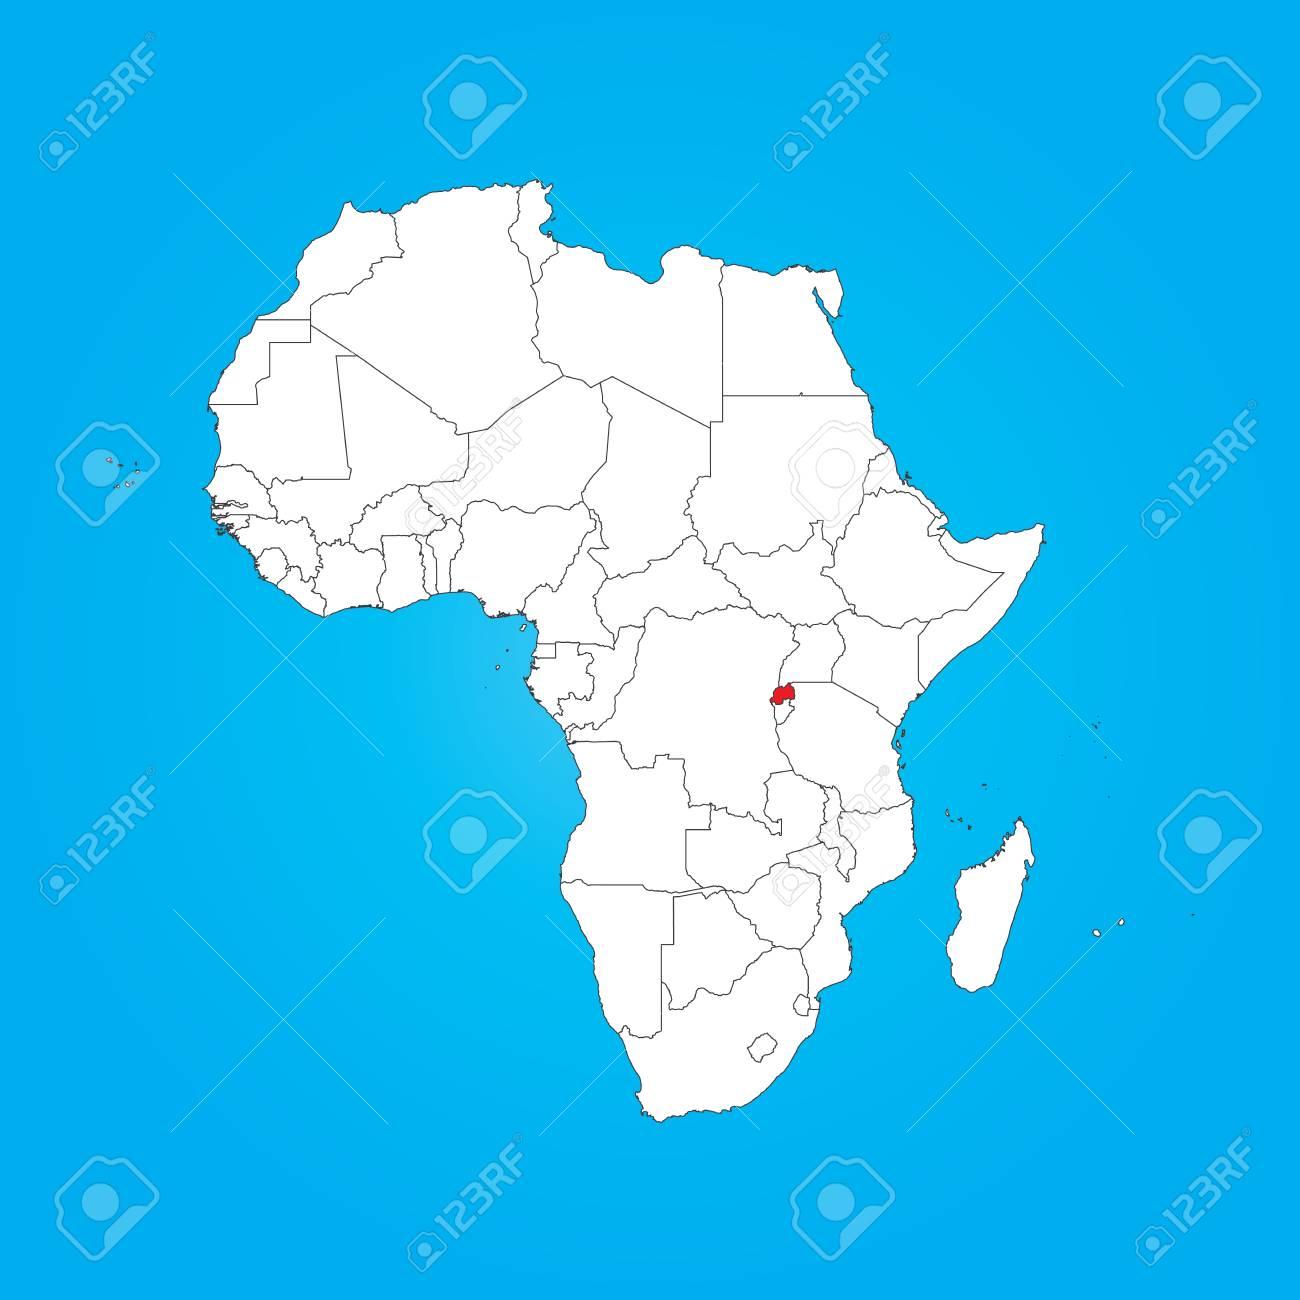 Carte Afrique Rwanda.Une Carte De L Afrique Avec Un Pays Selectionne Du Rwanda